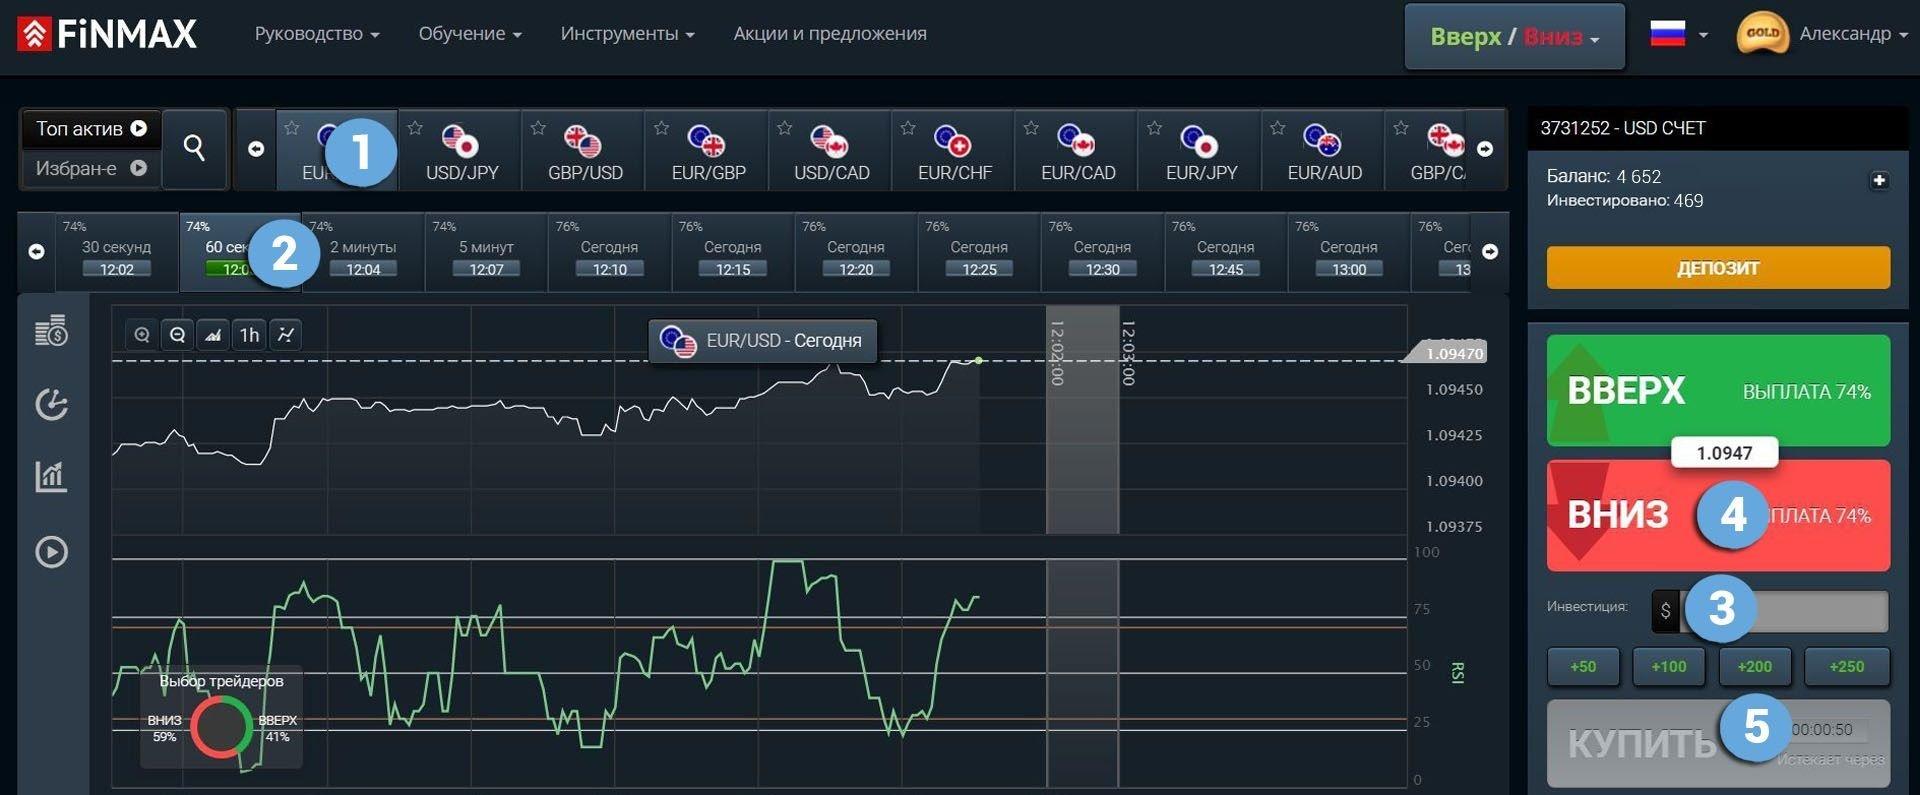 Торговля бинарными опционами у брокера Finmax